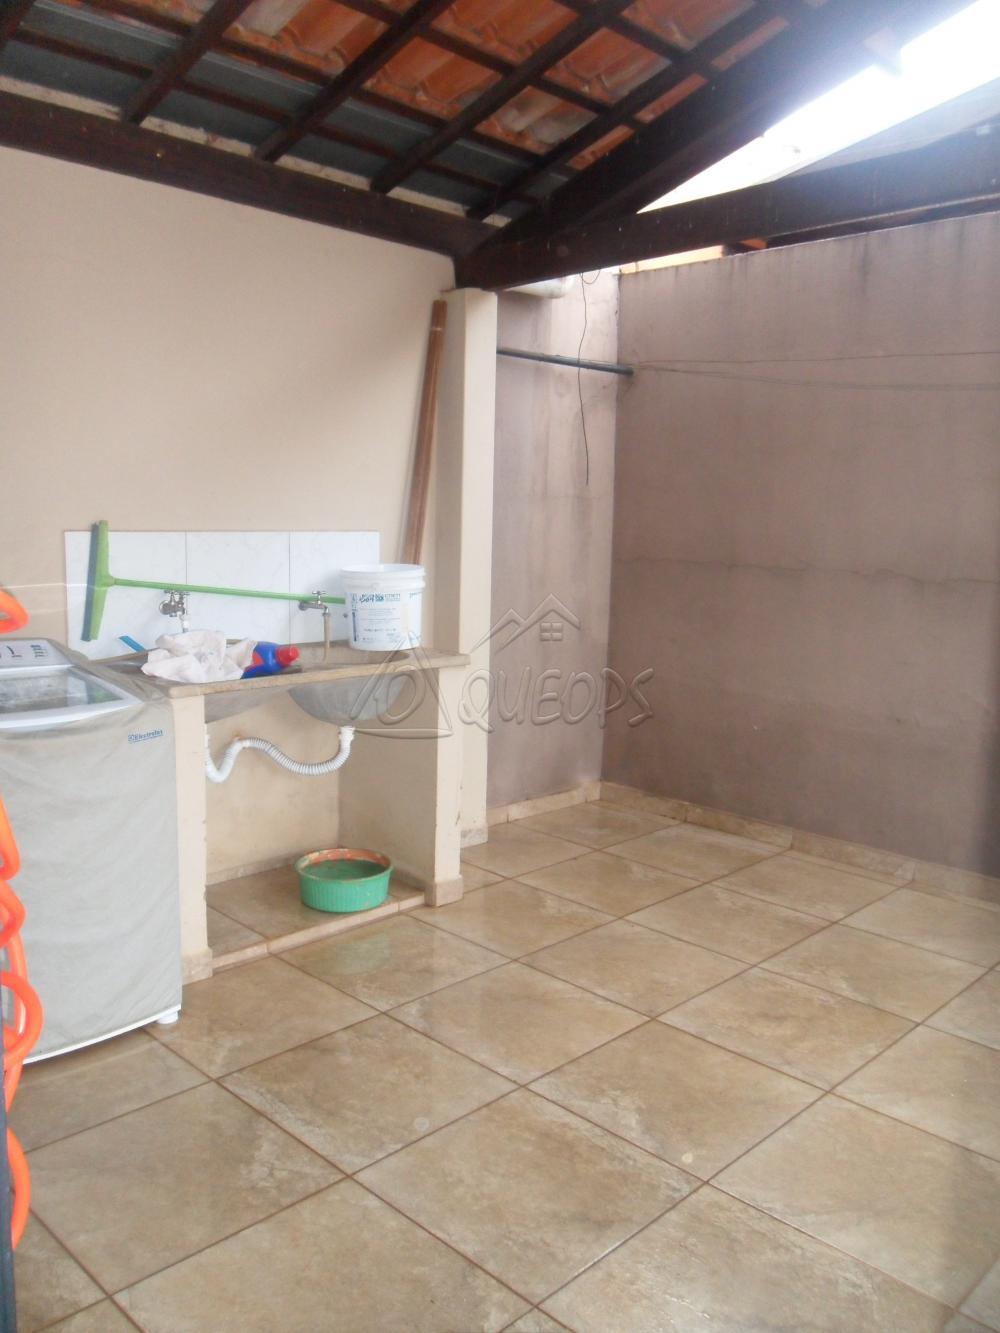 Comprar Casa / Padrão em Barretos R$ 260.000,00 - Foto 10